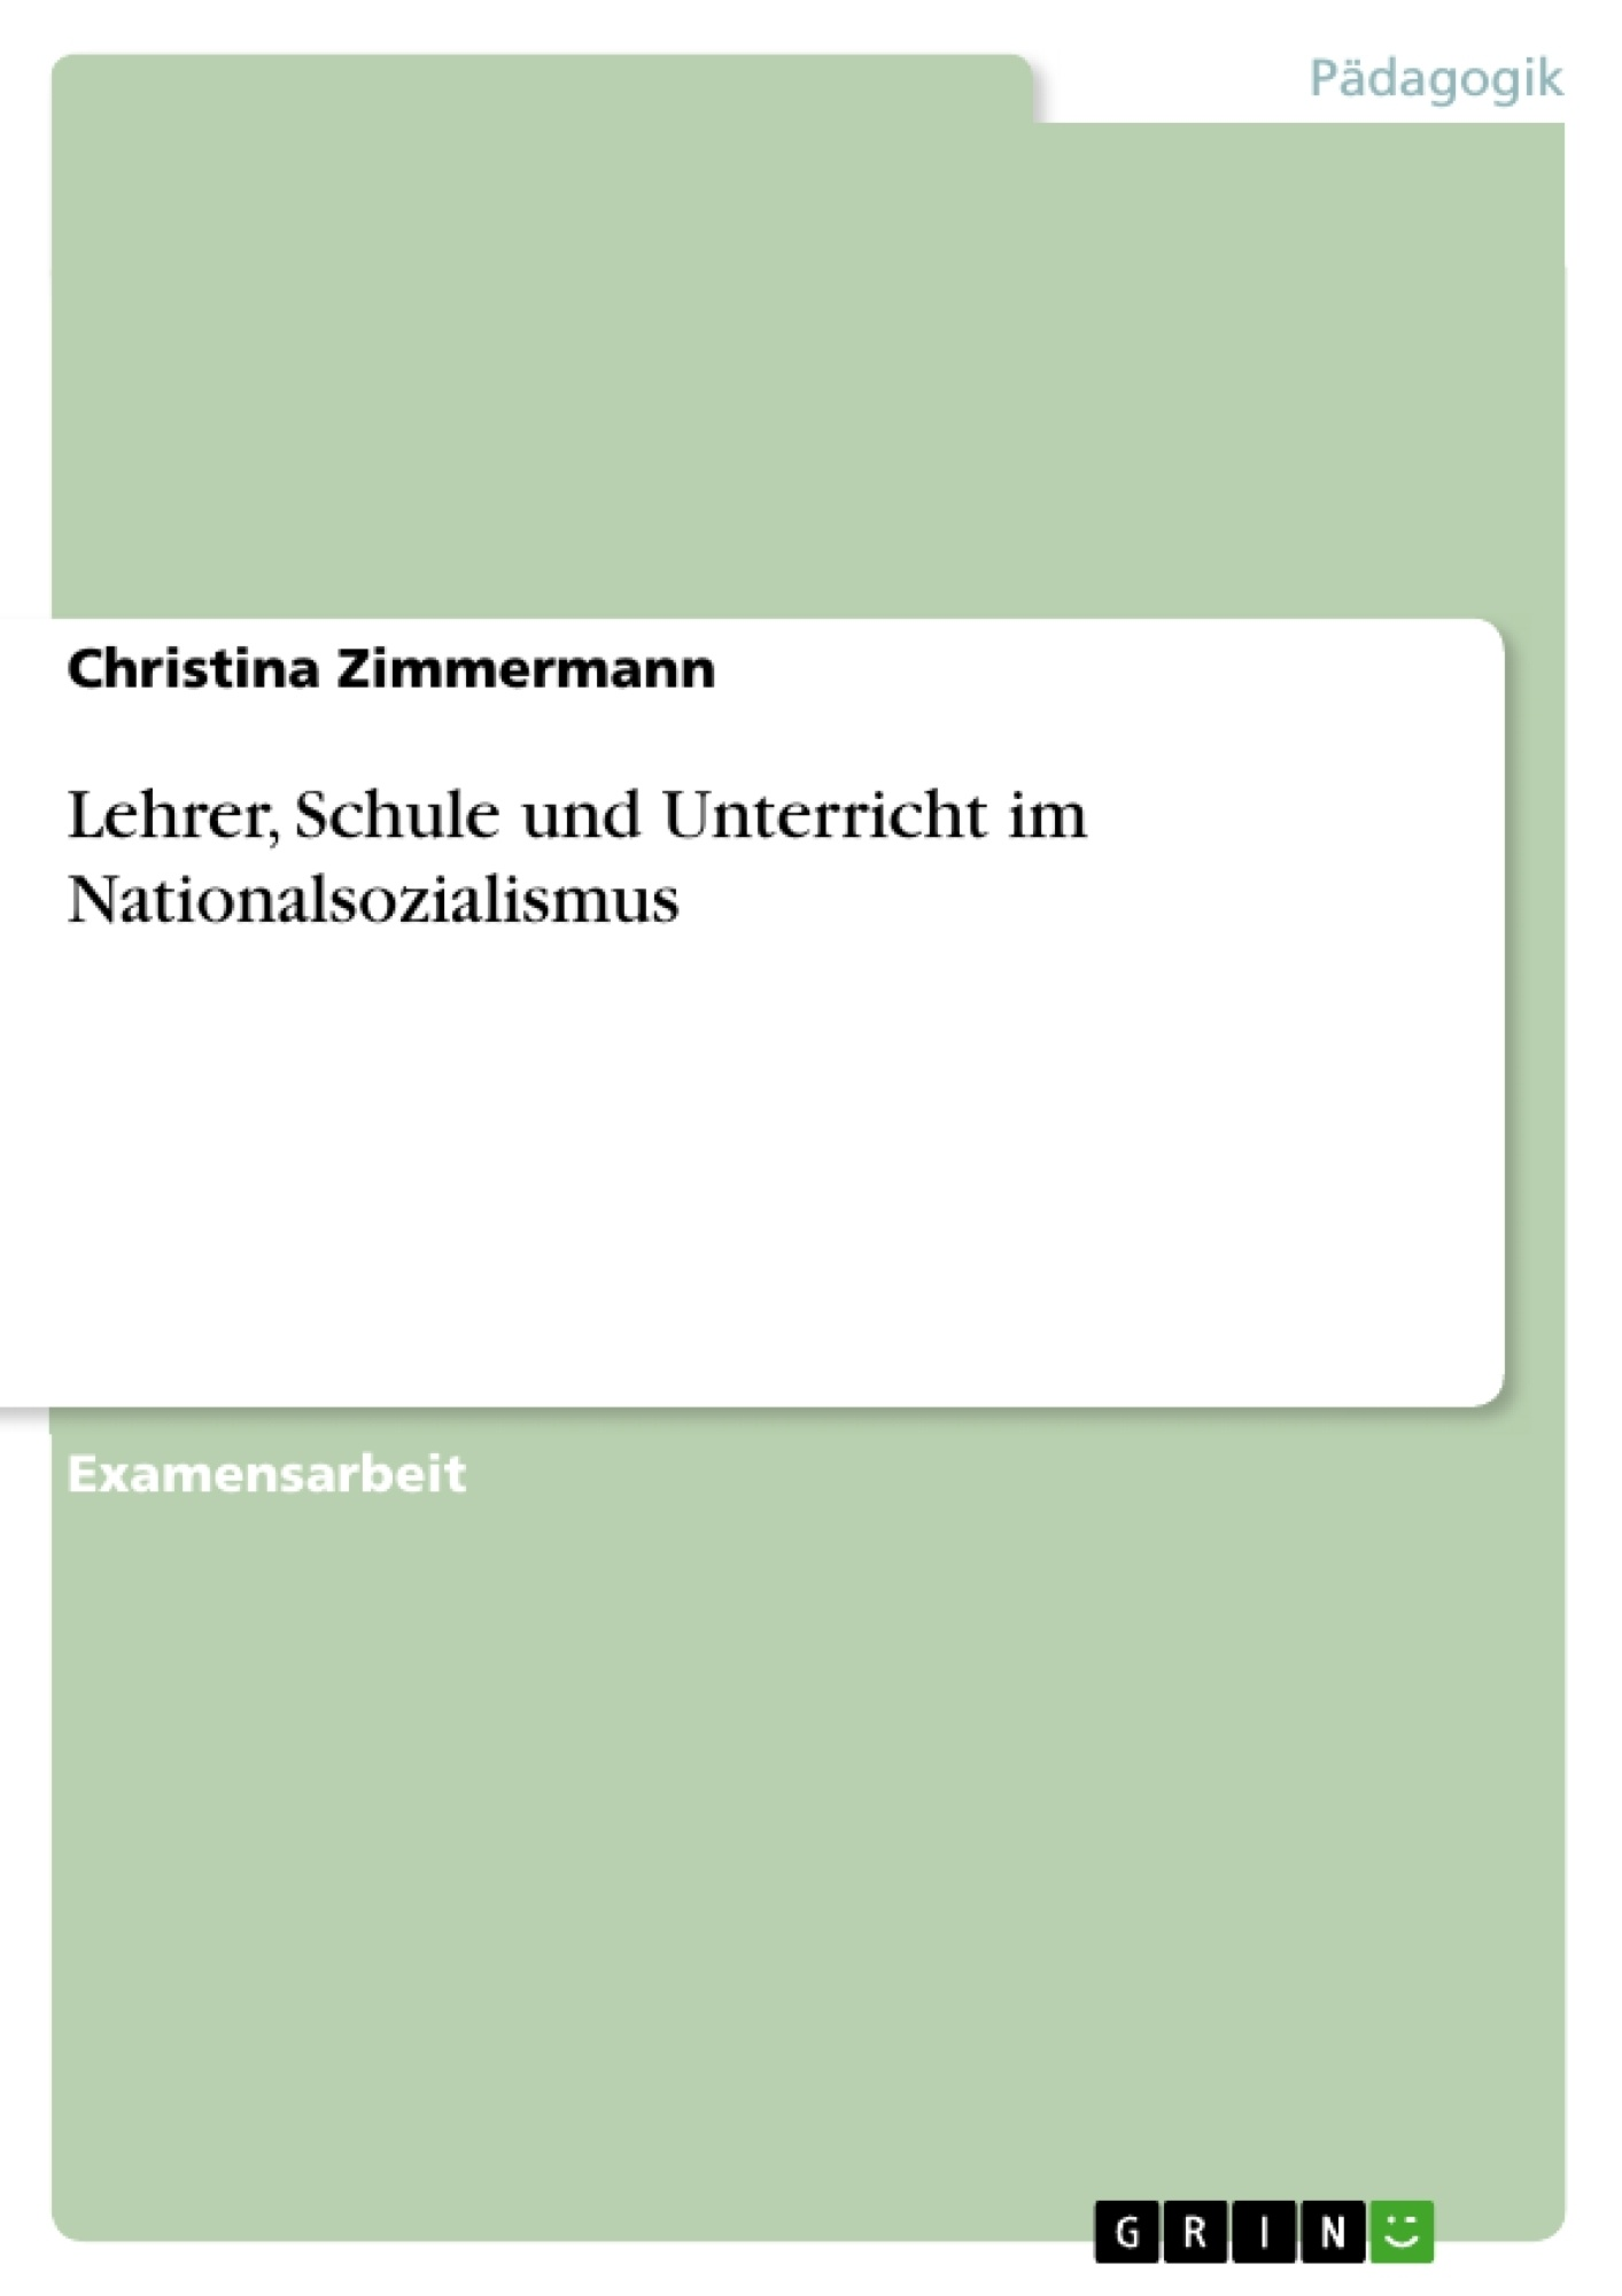 Lehrer, Schule und Unterricht im Nationalsozialismus | Masterarbeit ...